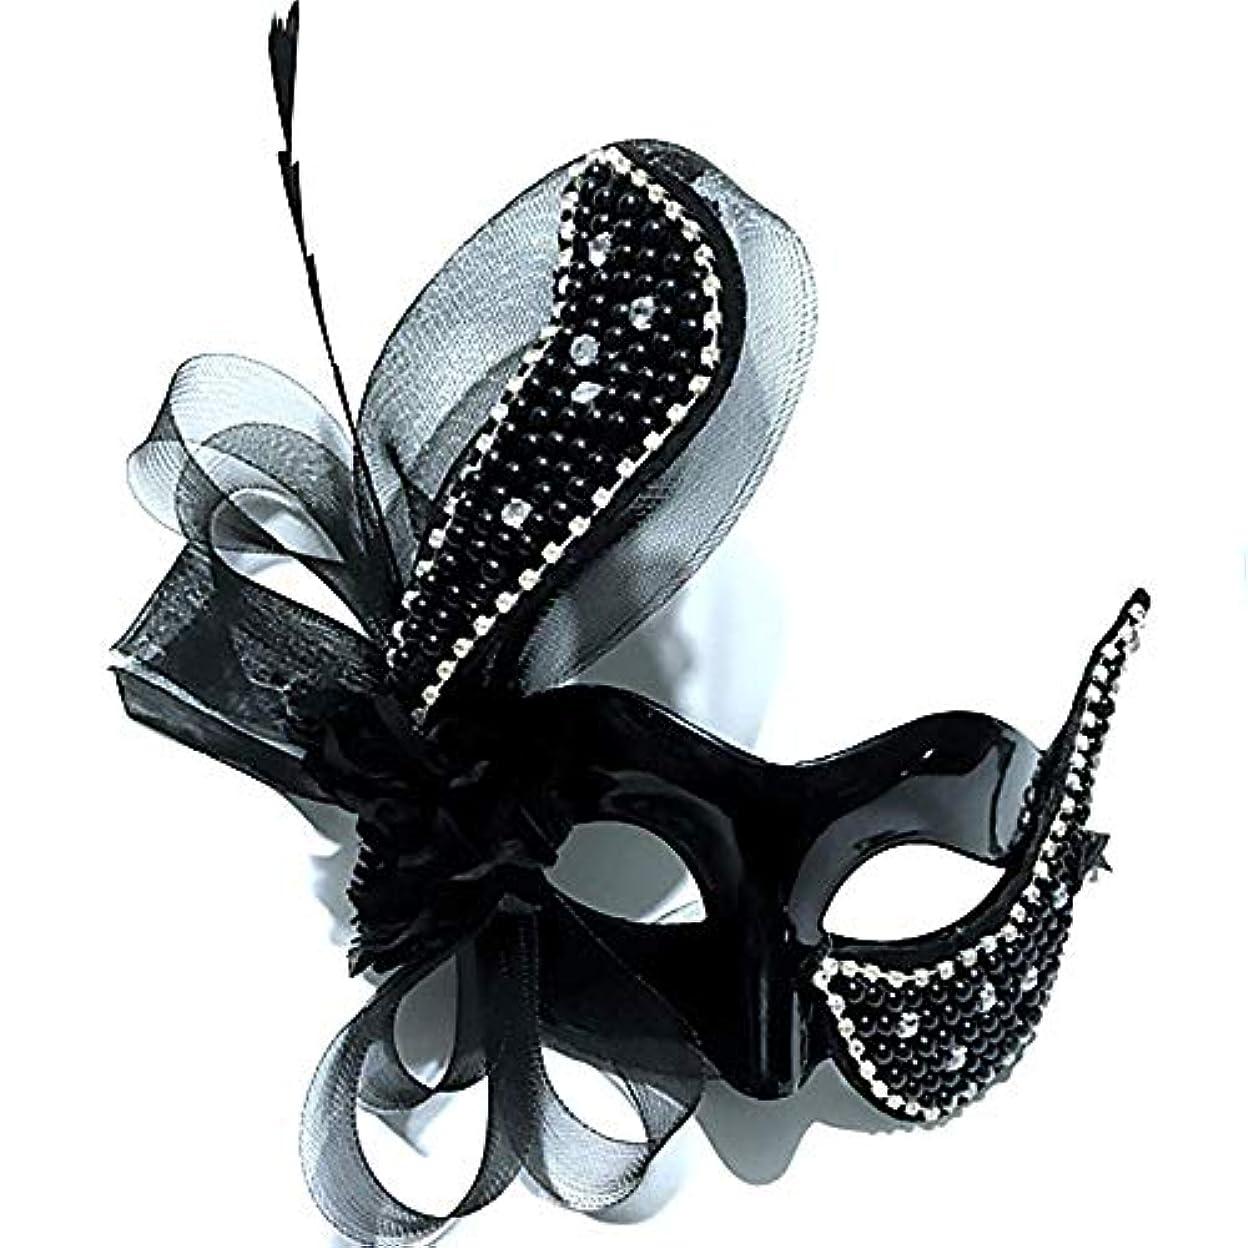 聴覚障害者倫理レンダリングNanle ハロウィーンヴィンテージフェザーラインストーンマスク仮装マスクレディミスプリンセス美容祭パーティー装飾マスク